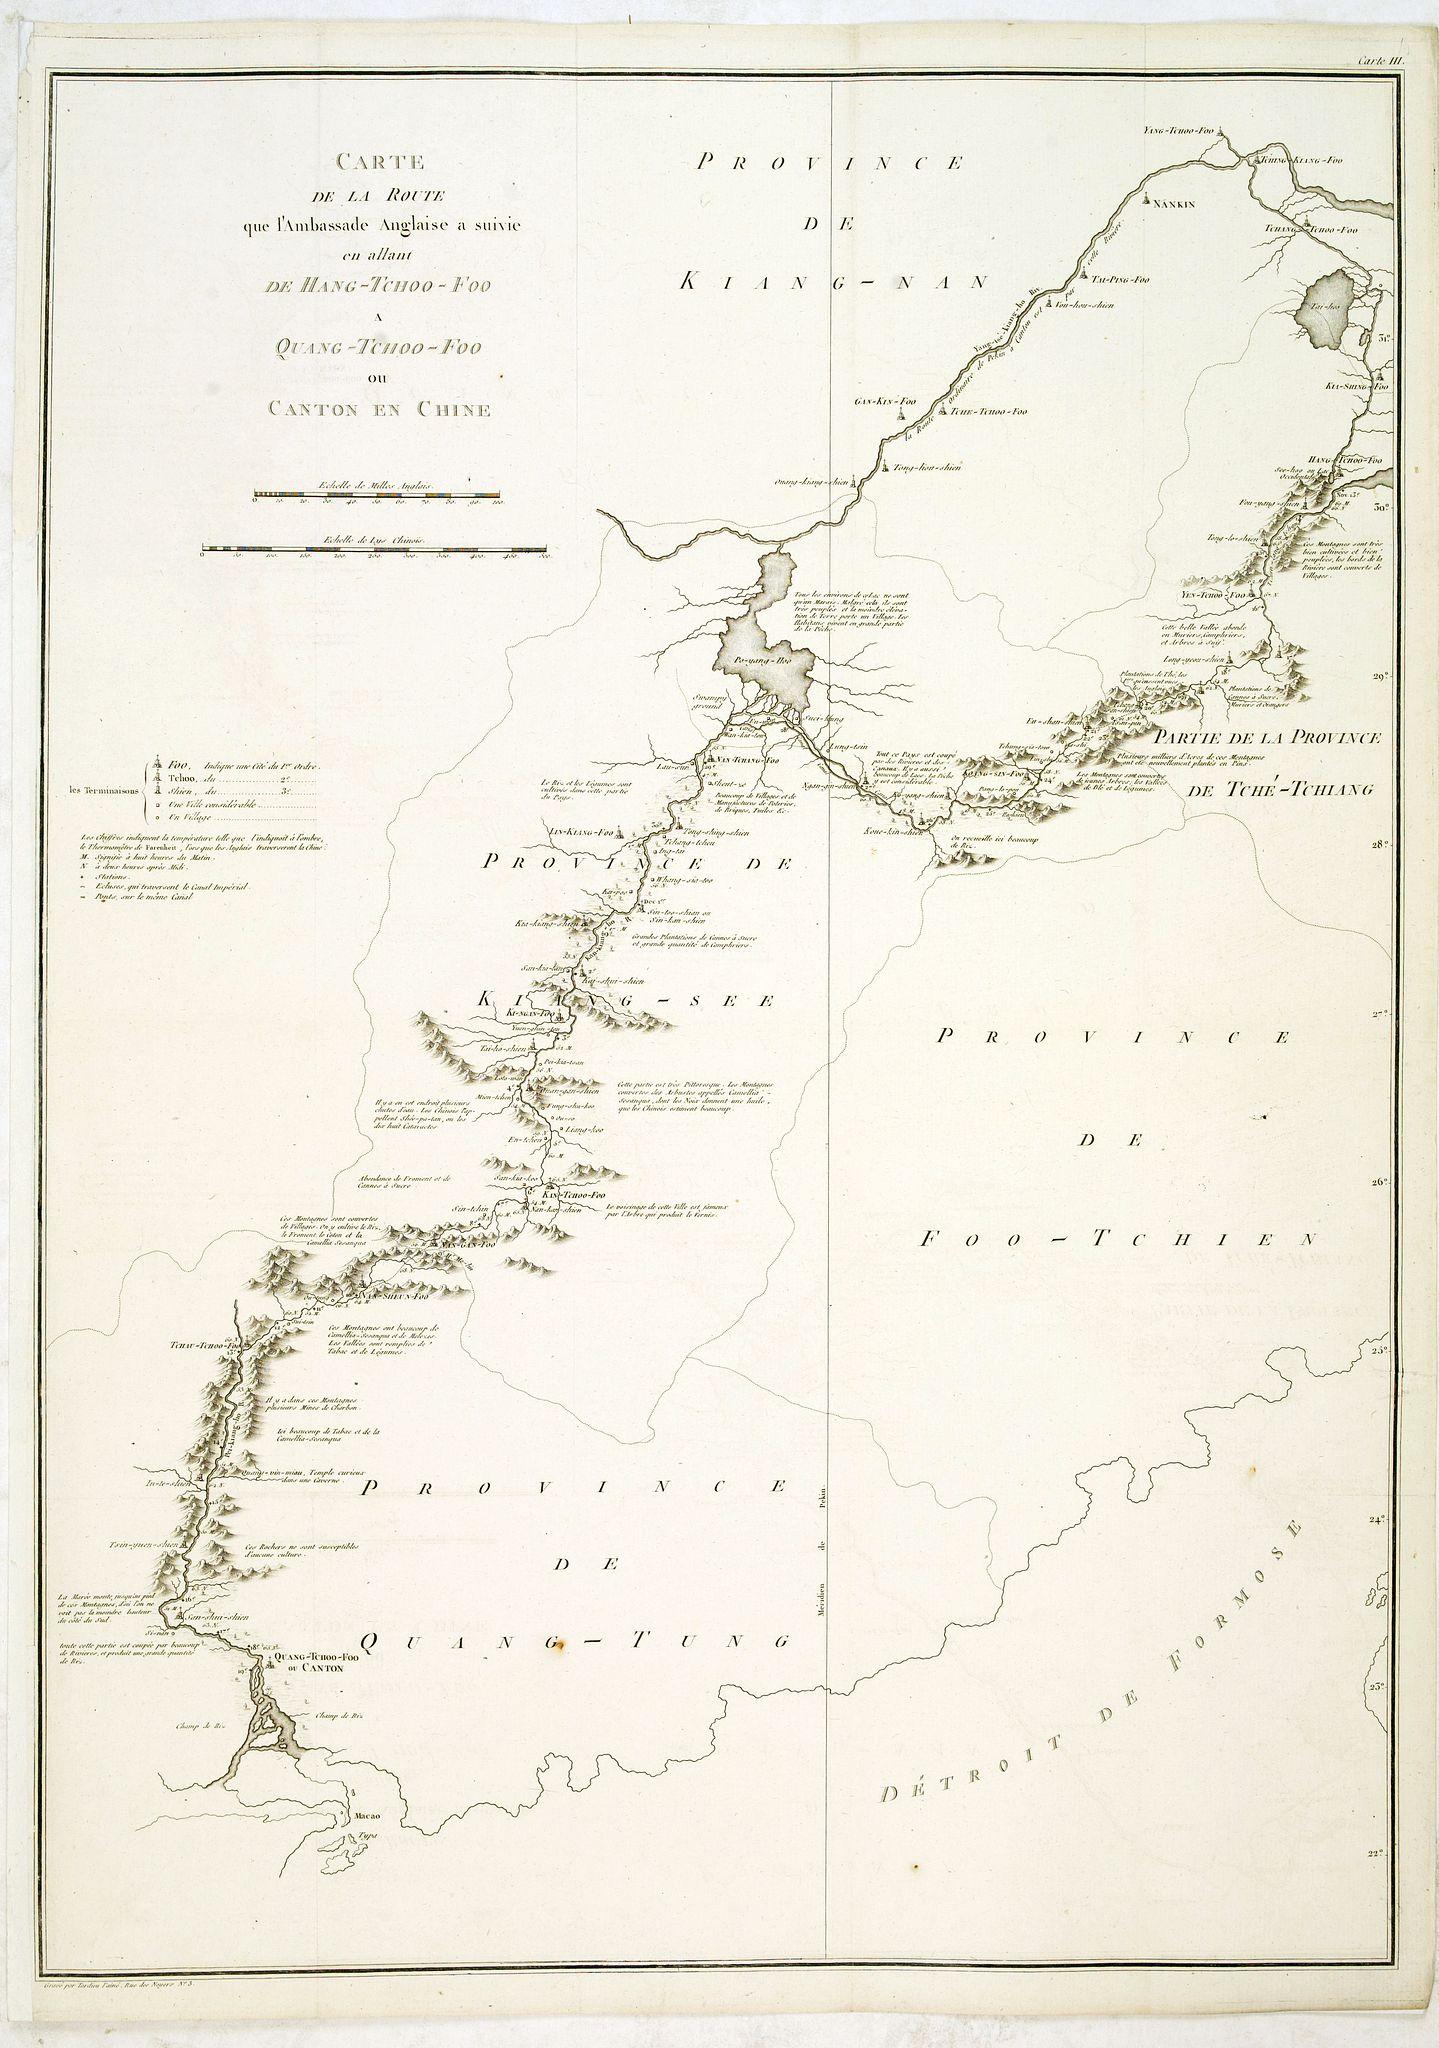 TARDIEU, J.B.P. / STAUNTON, G.L. -  Carte de la route que l